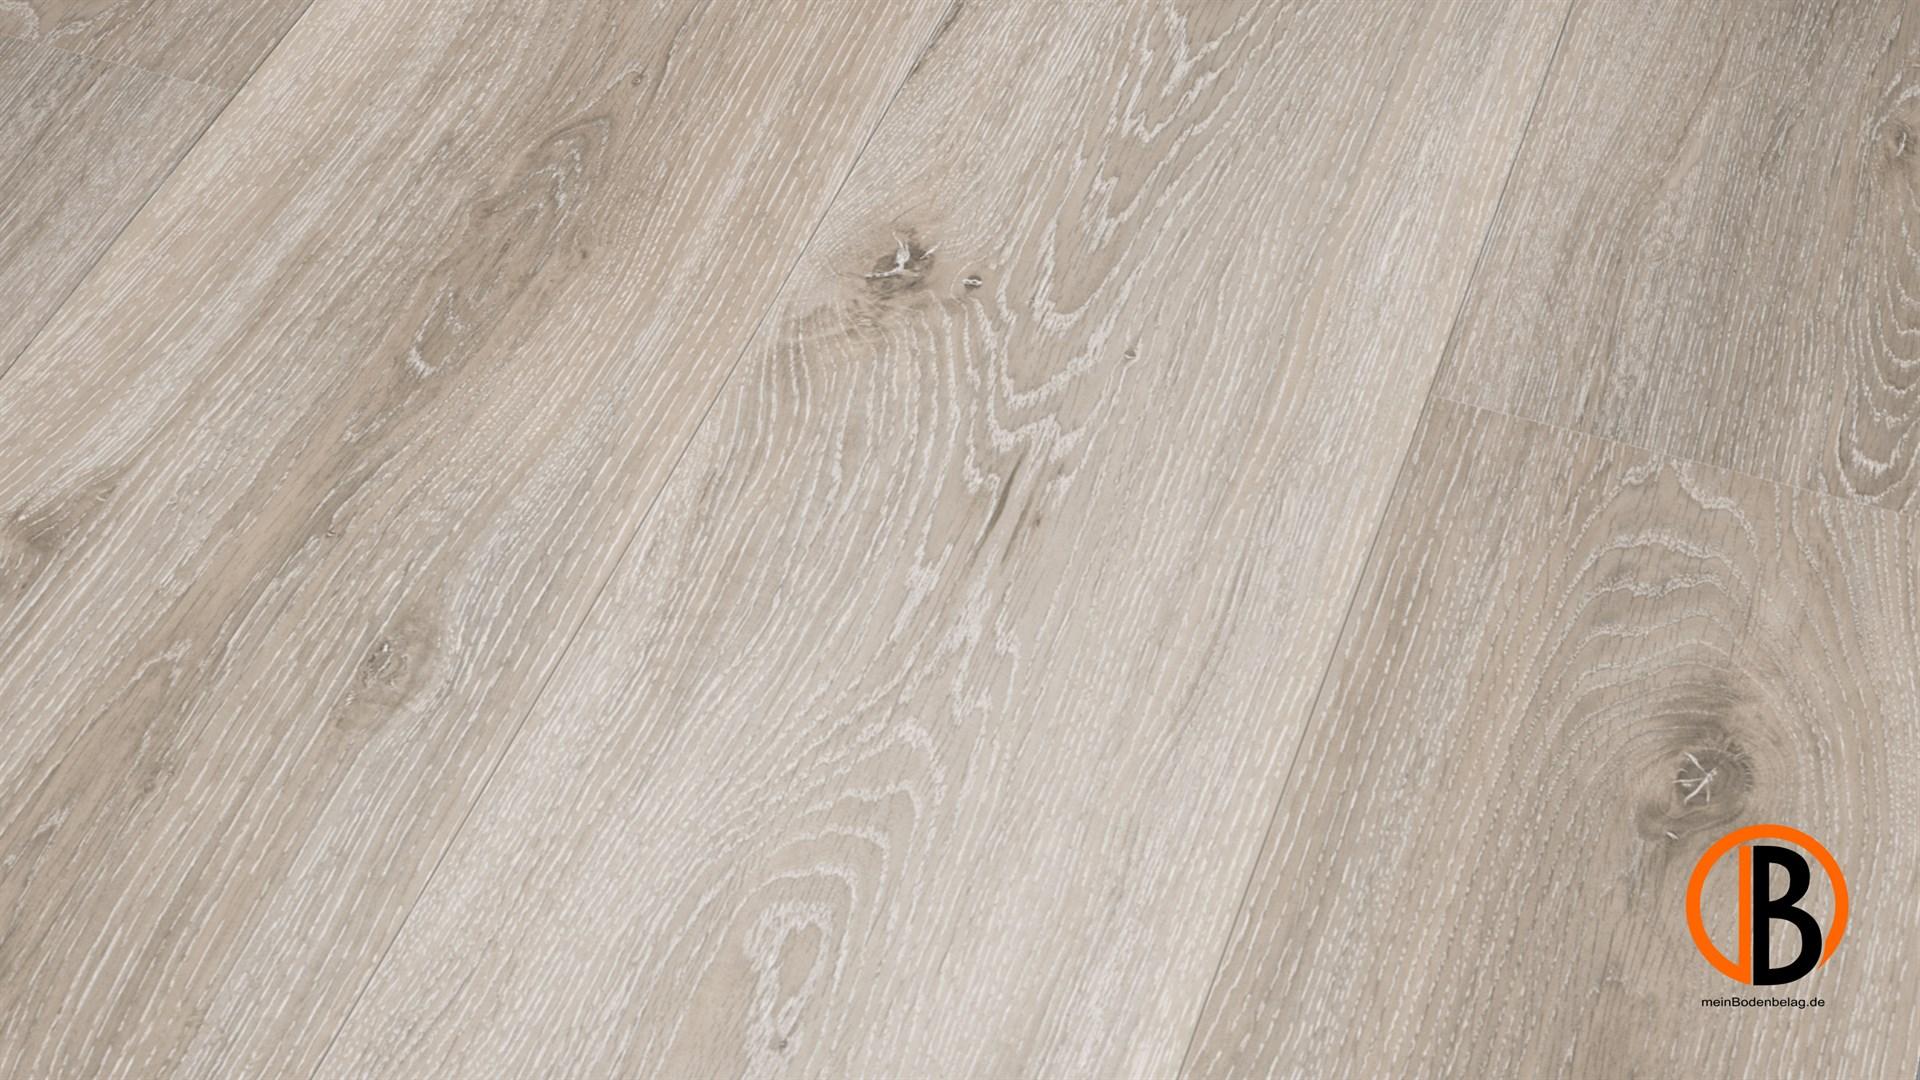 Vinyl Fußboden Grau ~ Parador vinyl basic eiche grau geweißt gebürst strukt lhd